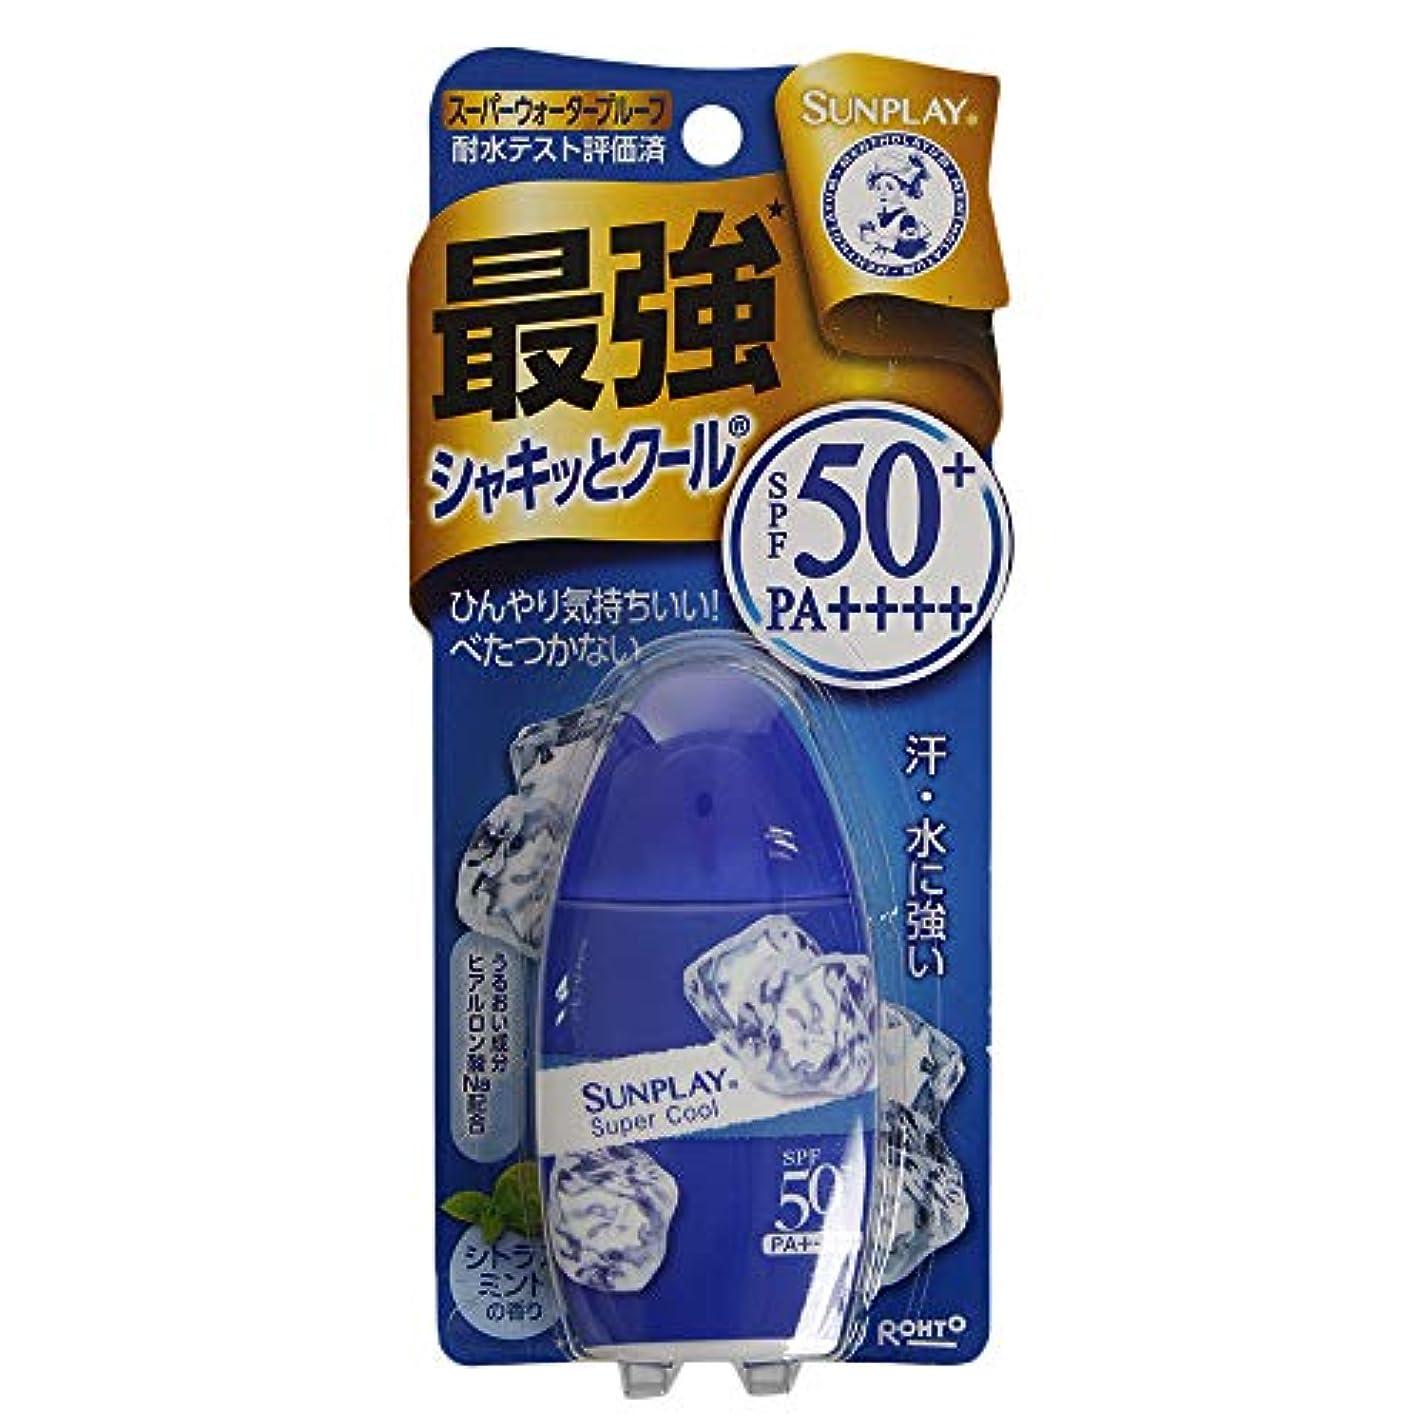 礼儀主権者店員【ロート製薬】メンソレータム サンプレイ スーパークール 30g ×10個セット